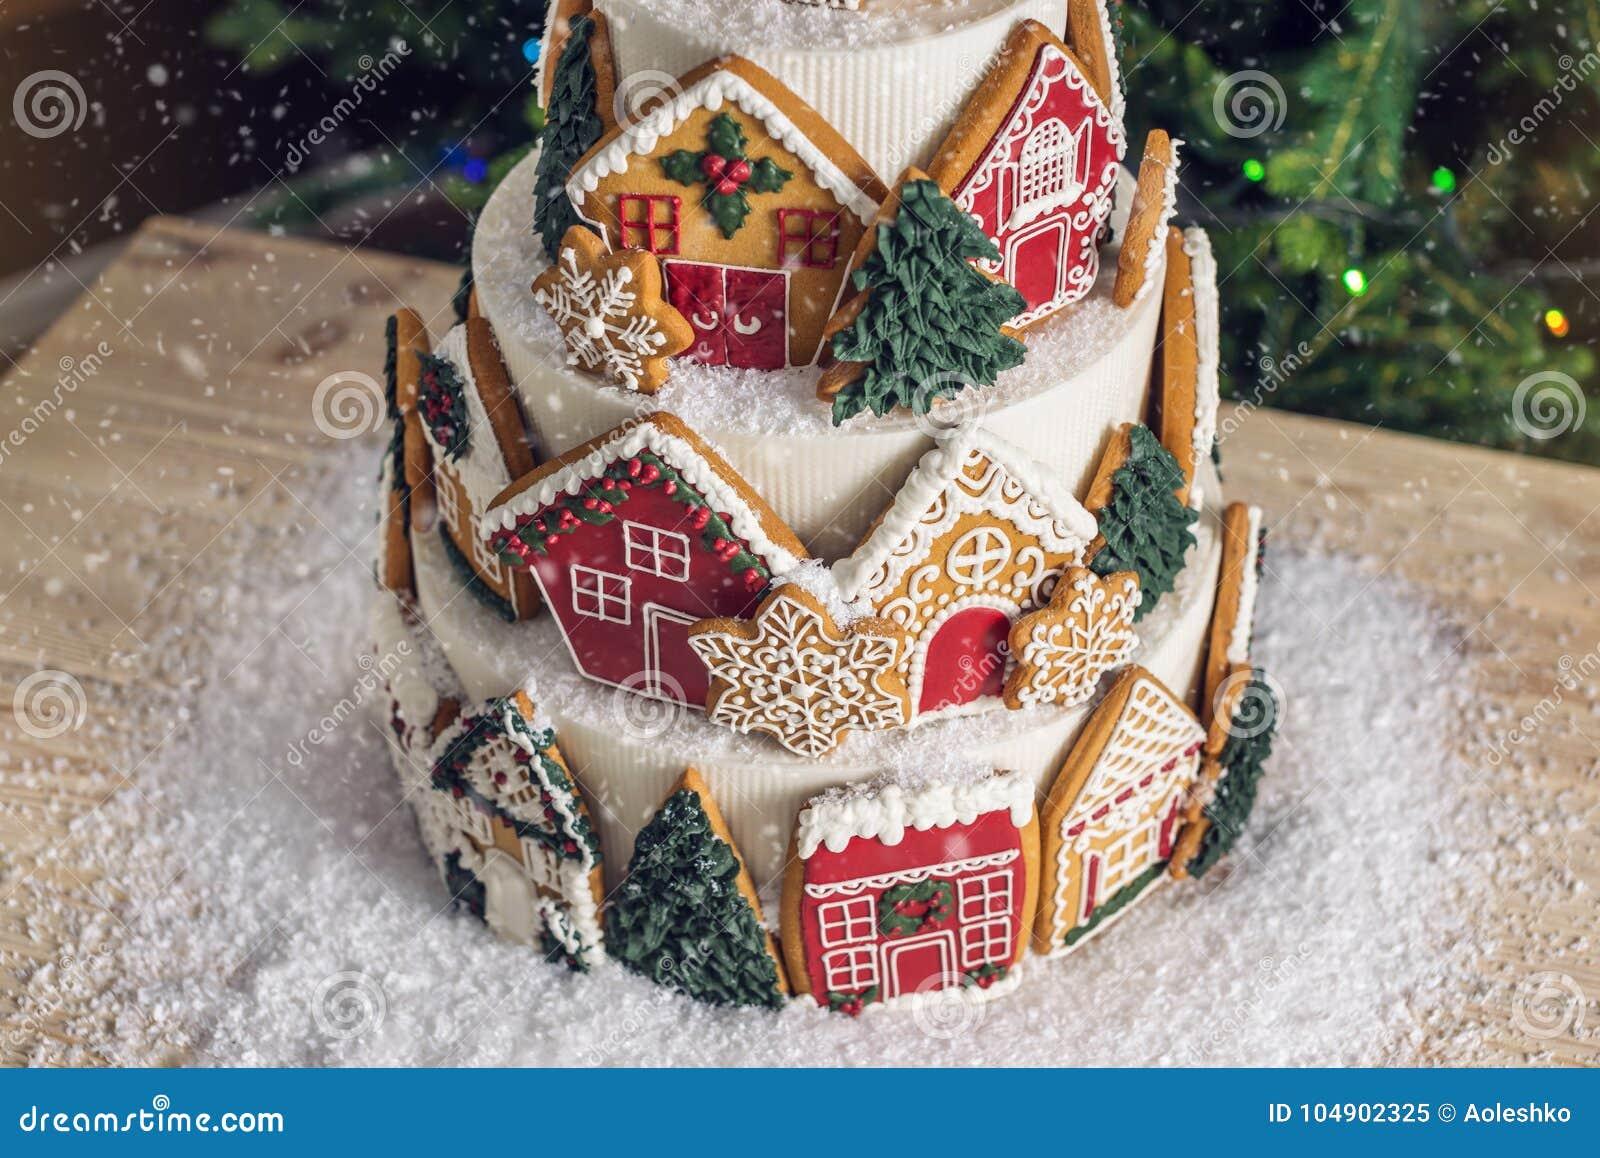 Torta con gradas grande de la Navidad adornada con las galletas del pan de jengibre y una casa en el top Árbol y guirnaldas en el